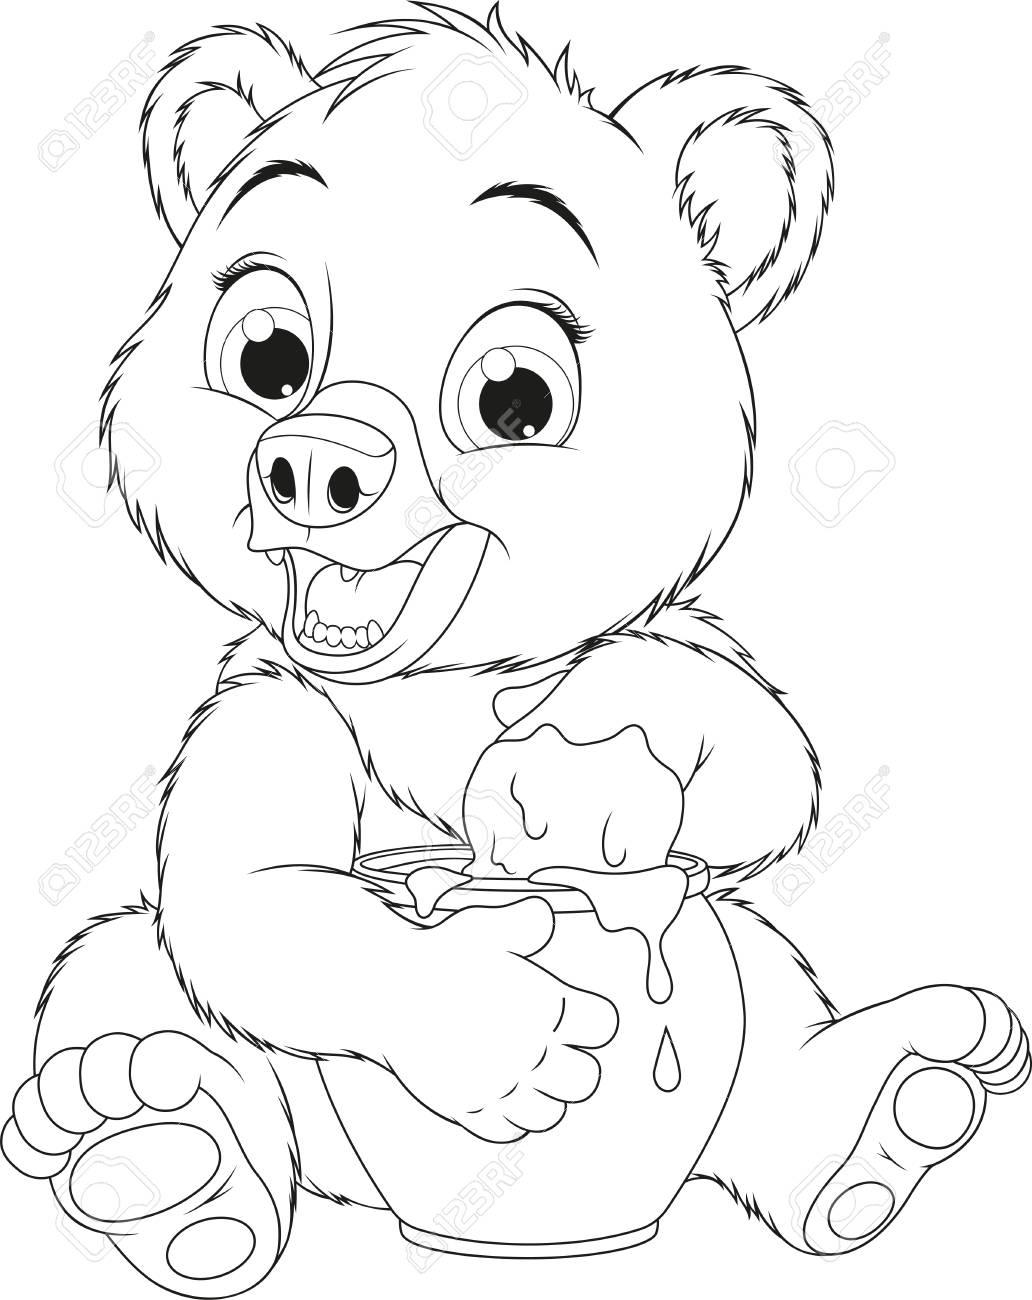 Ilustración De Vector Oso Gracioso Del Bebé Le Gusta Comer Miel De